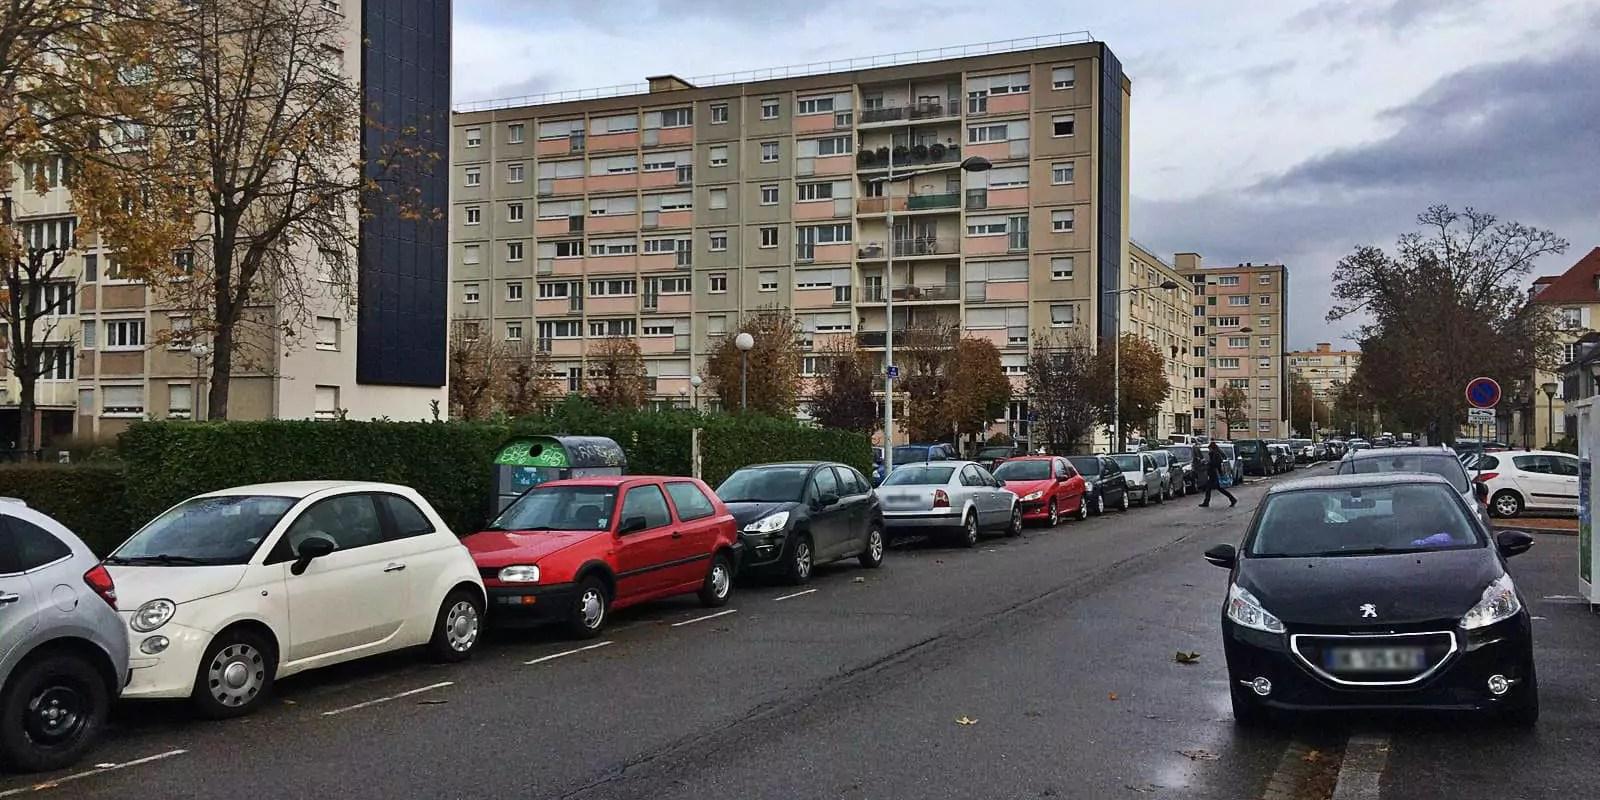 Stationnement : l'Esplanade et le Conseil des XV bientôt payants